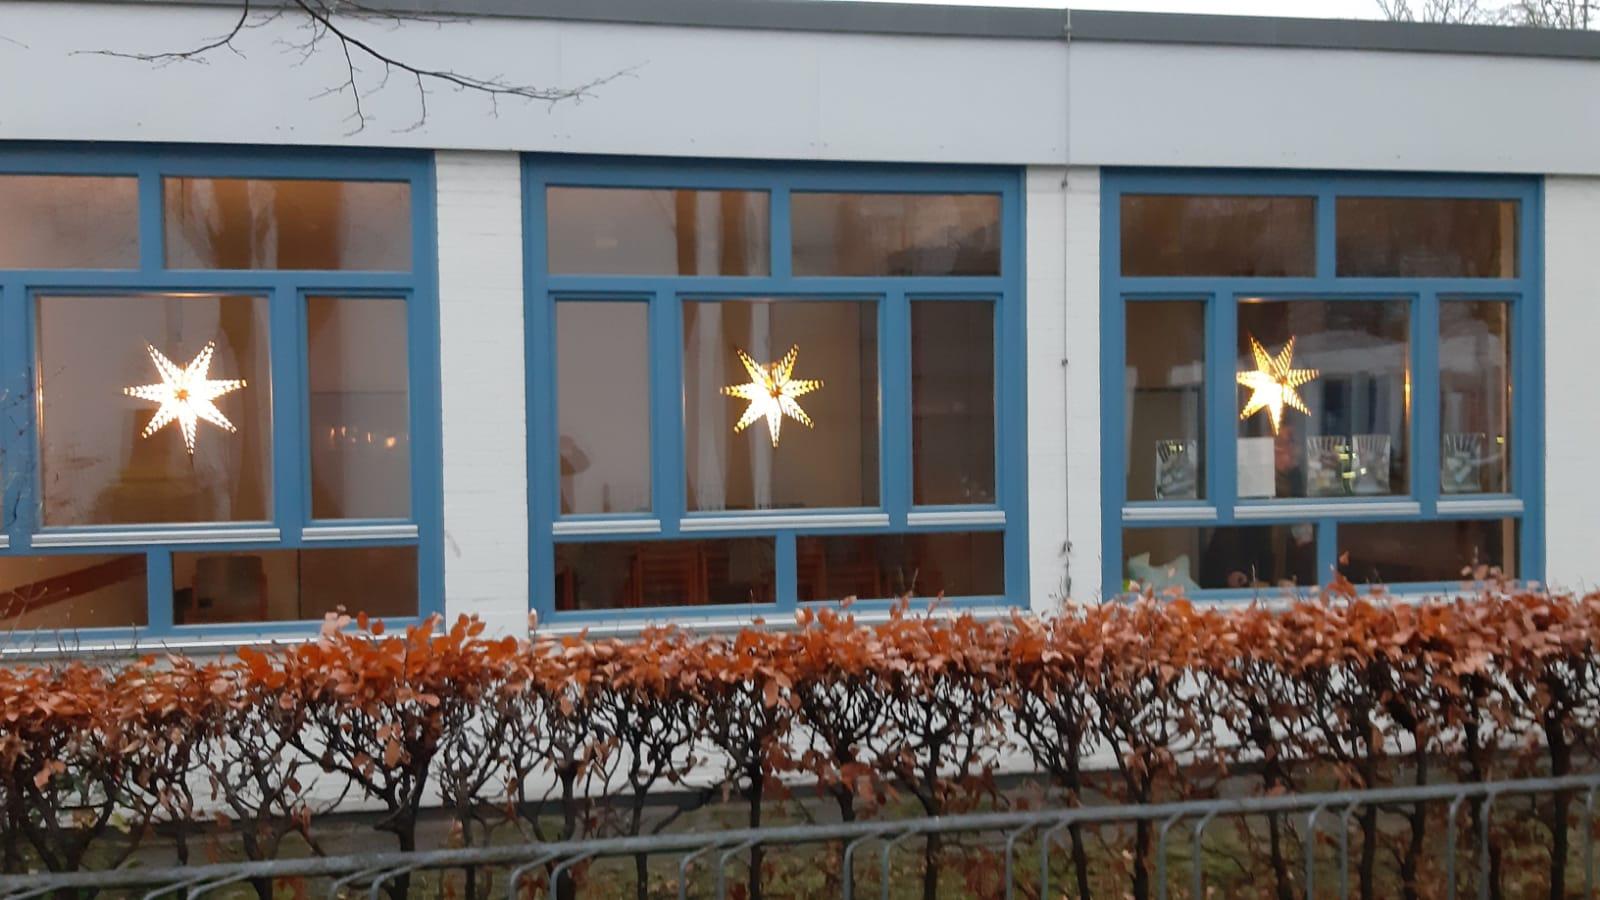 Basar to go - die Fenster am Gemeindezentrum sind hell erleuchtet